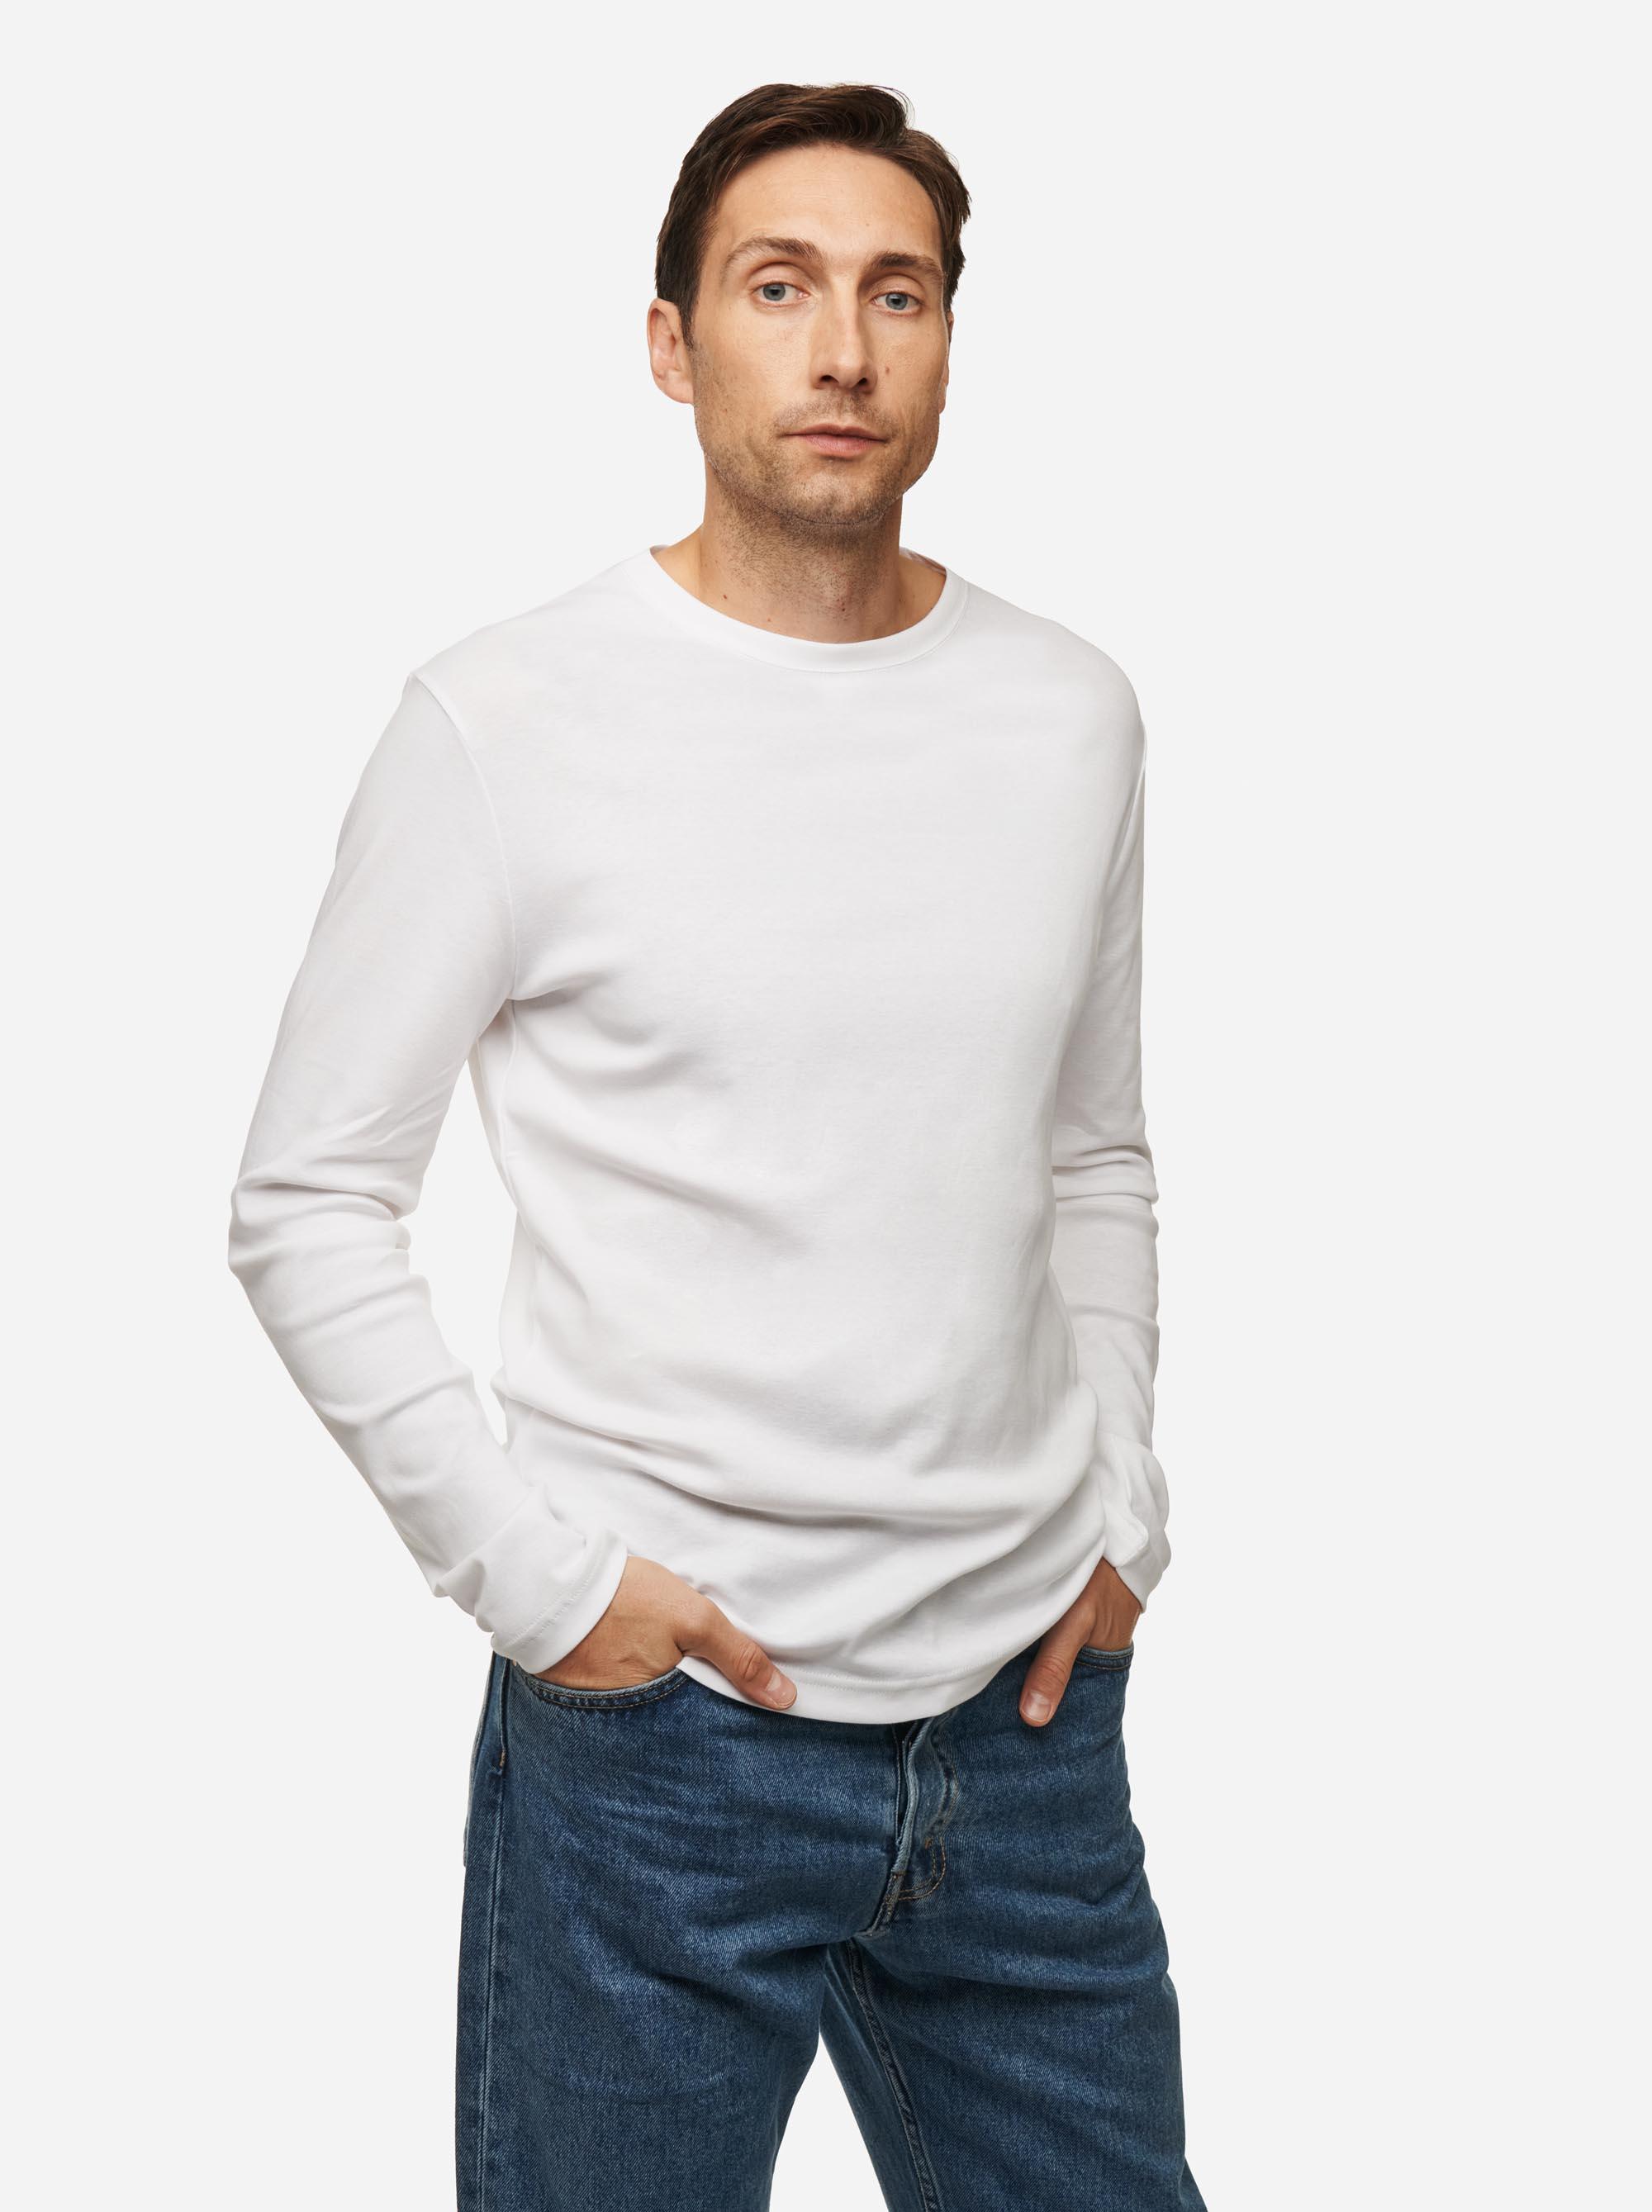 Teym - The-T-Shirt - Longsleeve - Men - White - 3